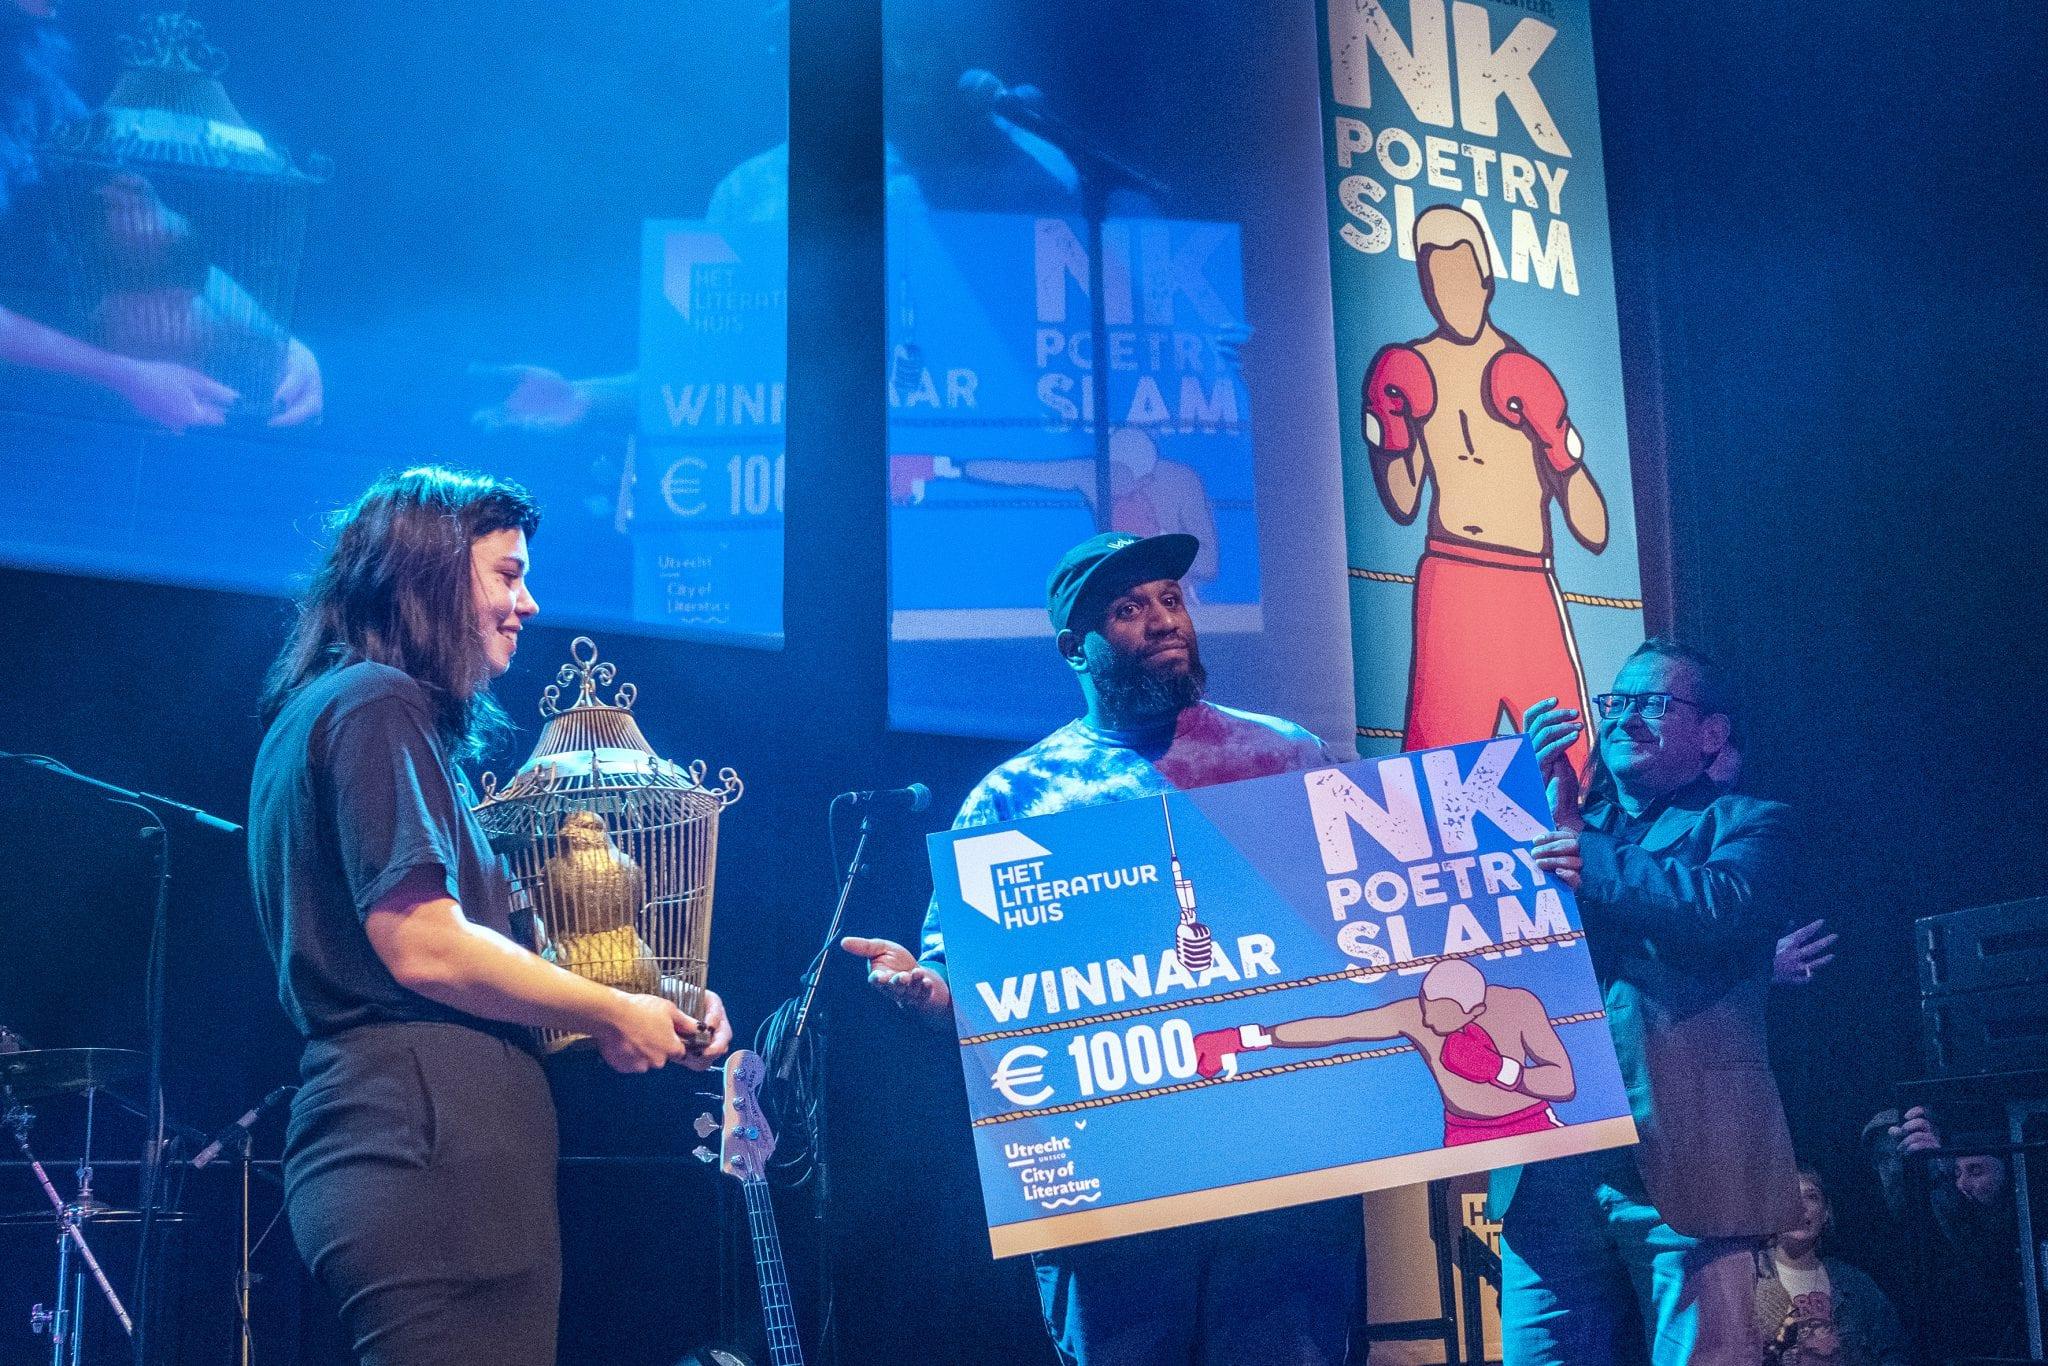 Nederland. Utrecht, 02-02-2019. Foto: Patrick Post. Finale NK Poetry Slam. Martje Wyers en Maxime Garcia Diaz tijdens de finale.